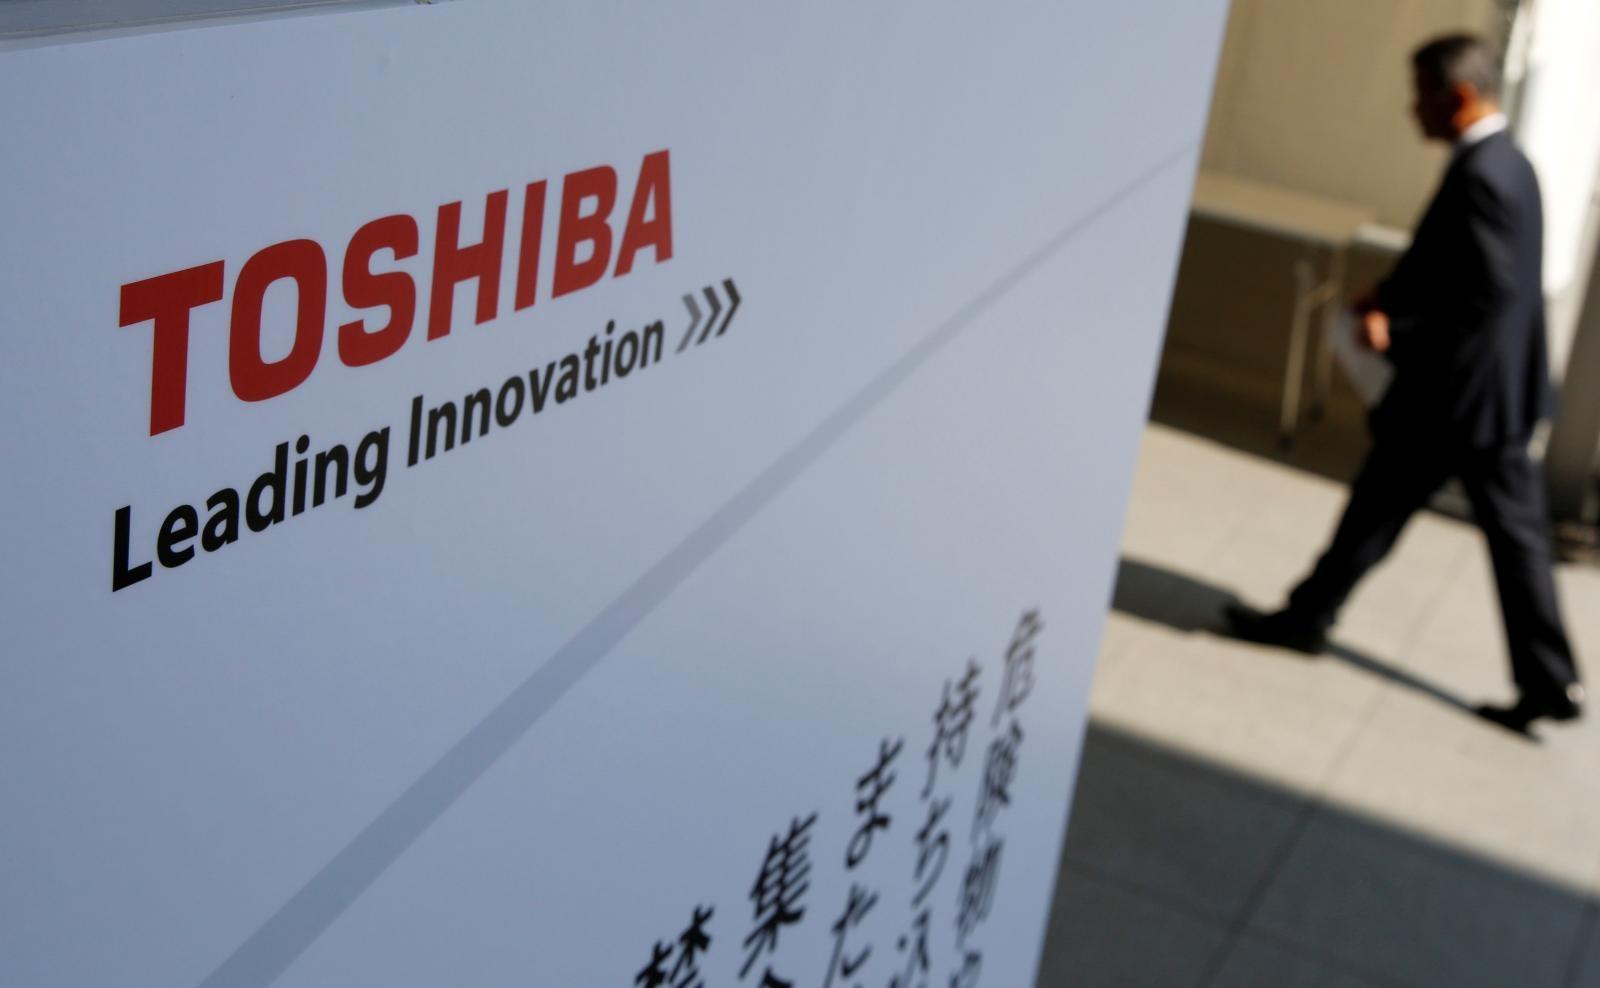 پیشنهاد خرید توشیبا به ملبغ ۲۲ میلیارد دلار توسط کنسرسیوم آمریکایی-کرهای